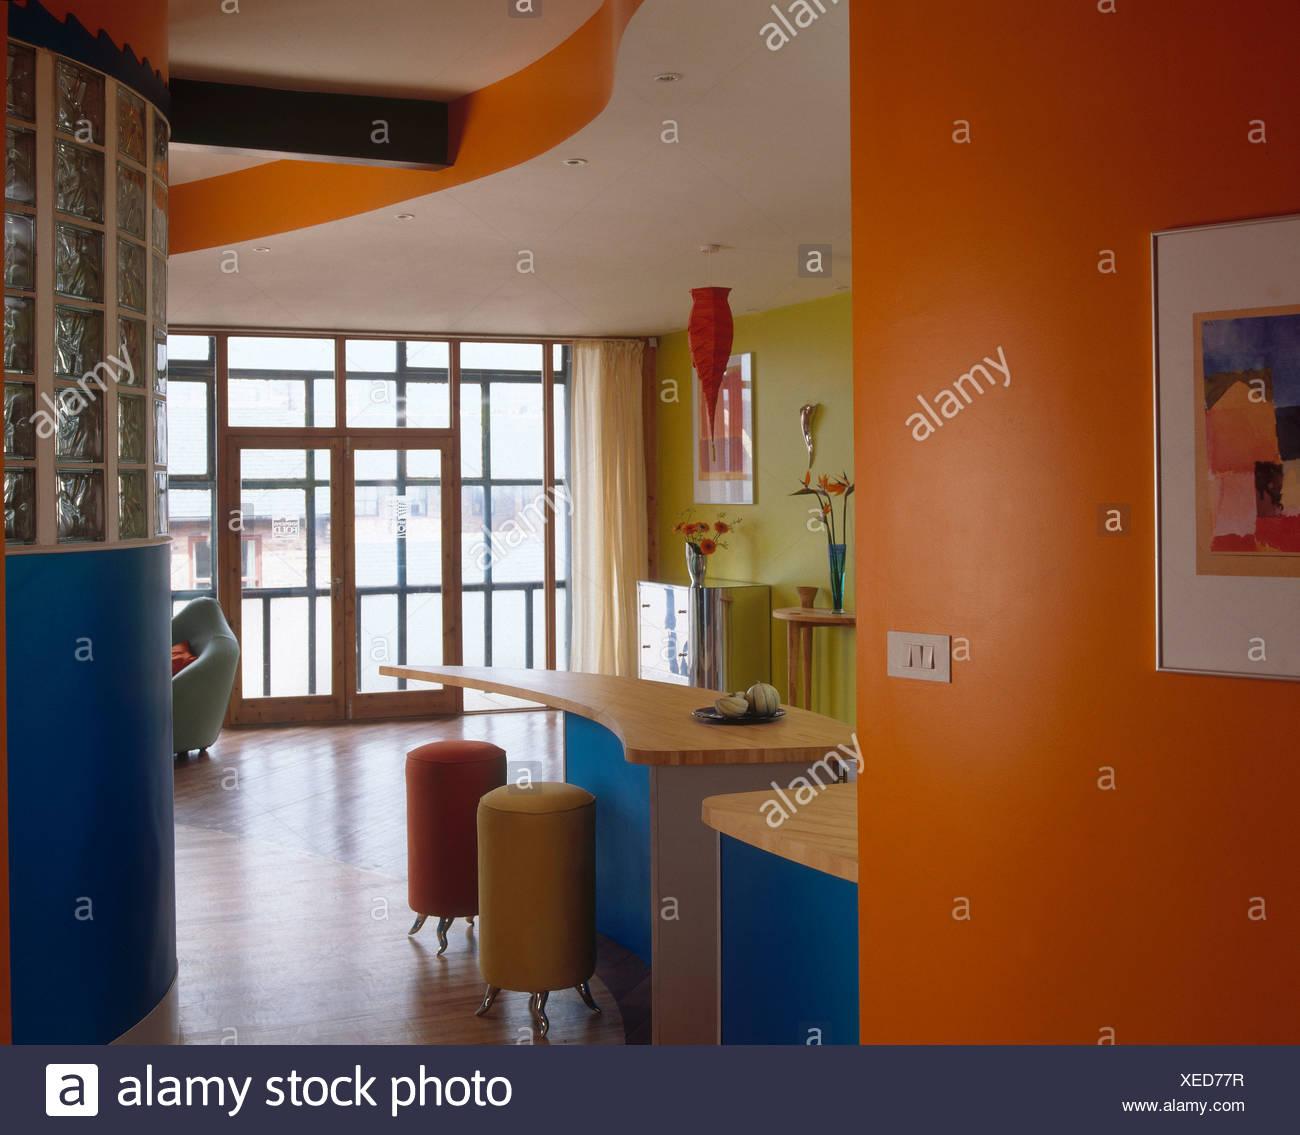 Tabourets Cylindriques Au Petit Déjeuner Bar à Lu0027orange Et Citron Vert  Moderne Cuisine Avec Mur Incurvé